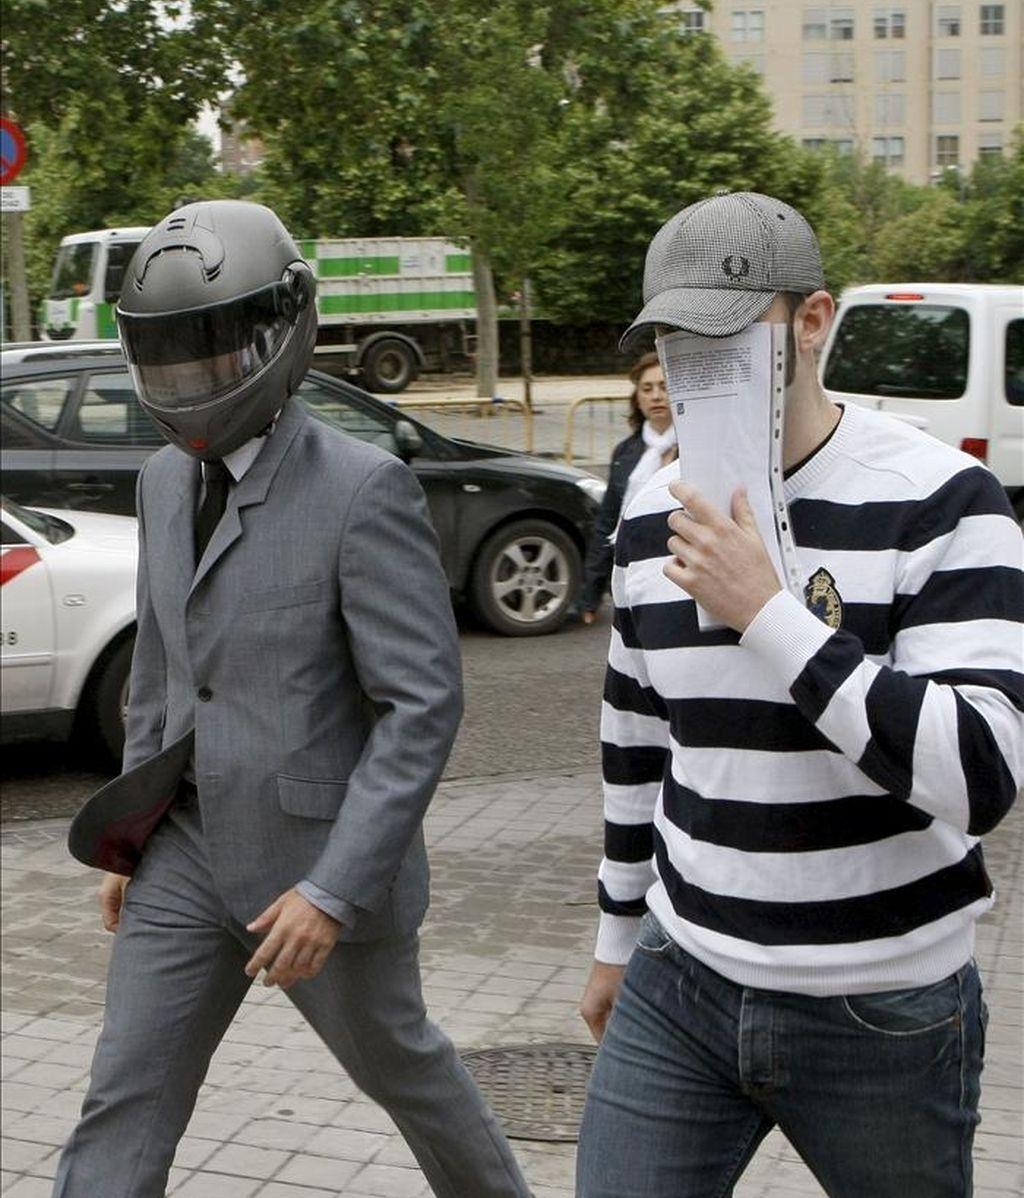 Dos de los encausados a su llegada a la Audiencia Provincial. EFE/Archivo